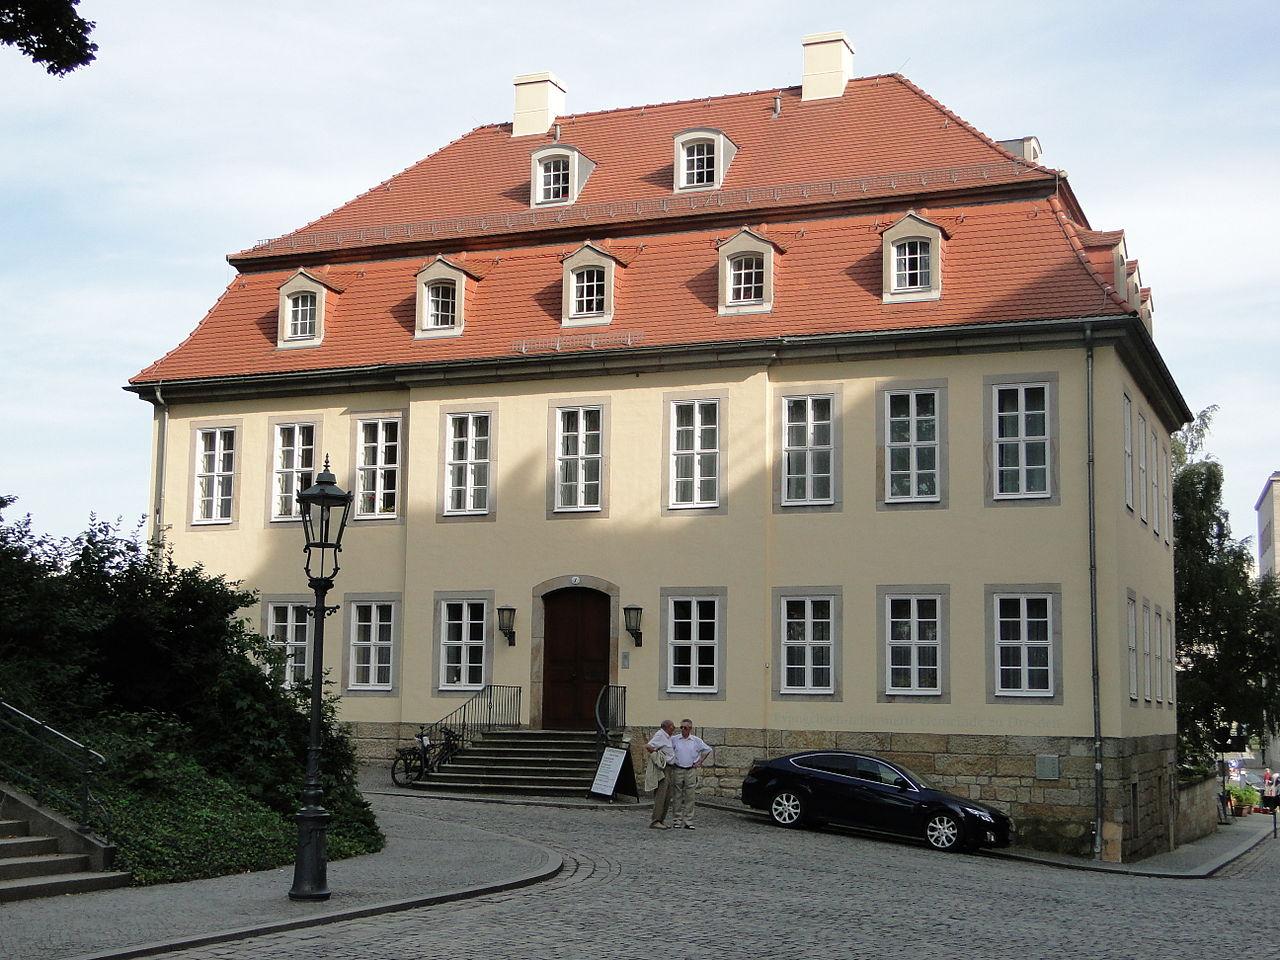 Brühlsche Terrasse - Reformierte Kirche - Hofgärtnerhaus